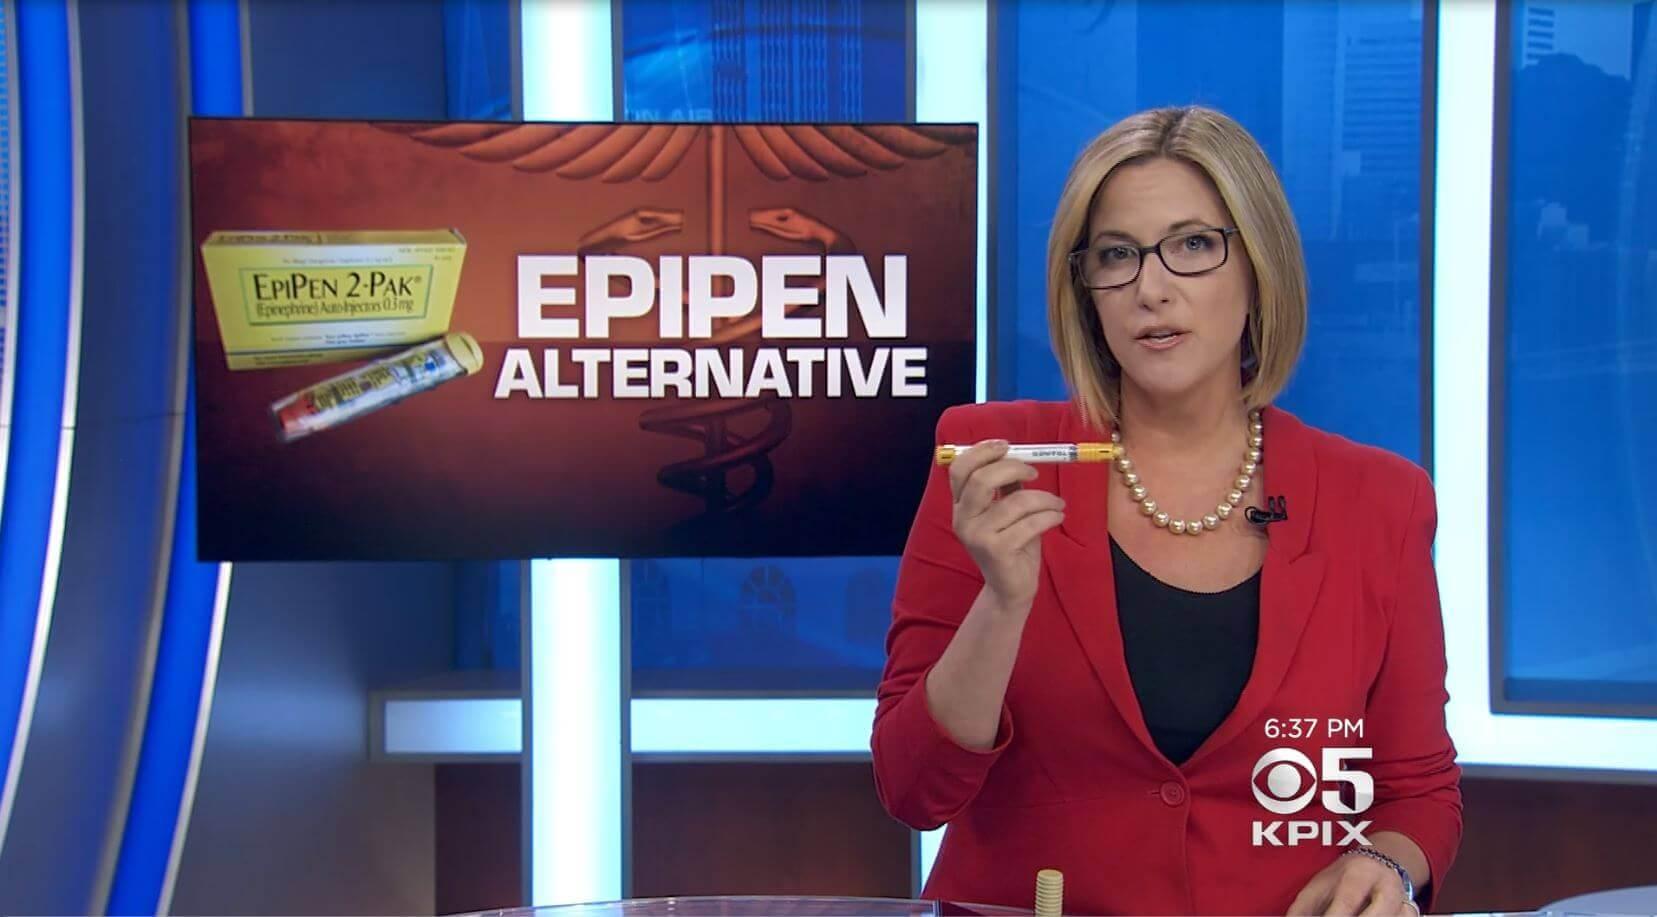 EpiPen Alternative: The Investigation & Price Check